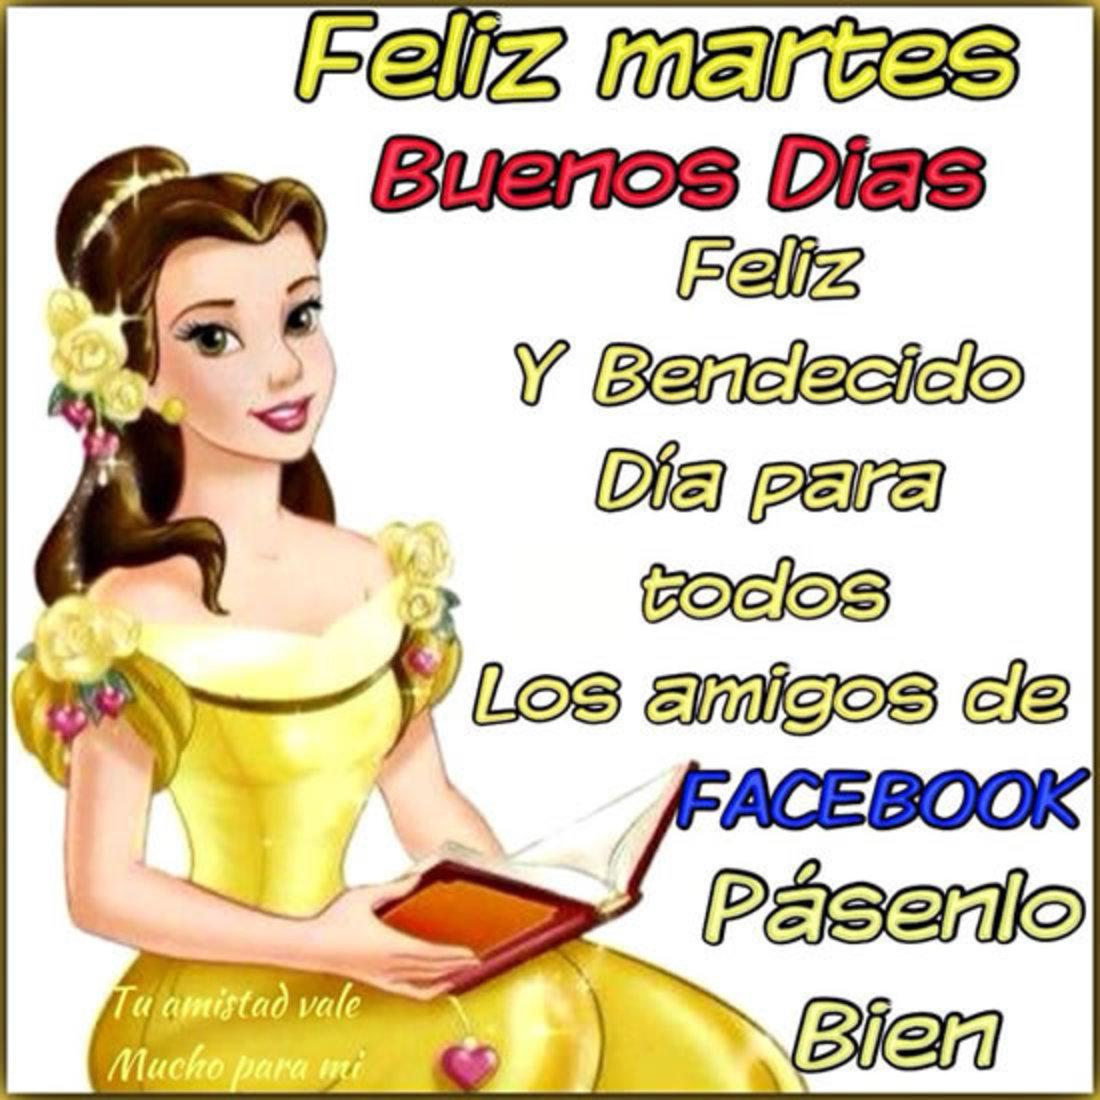 Feliz Martes buenos días feliz y bendecido día para todos los amigos de facebook pasenlo bien